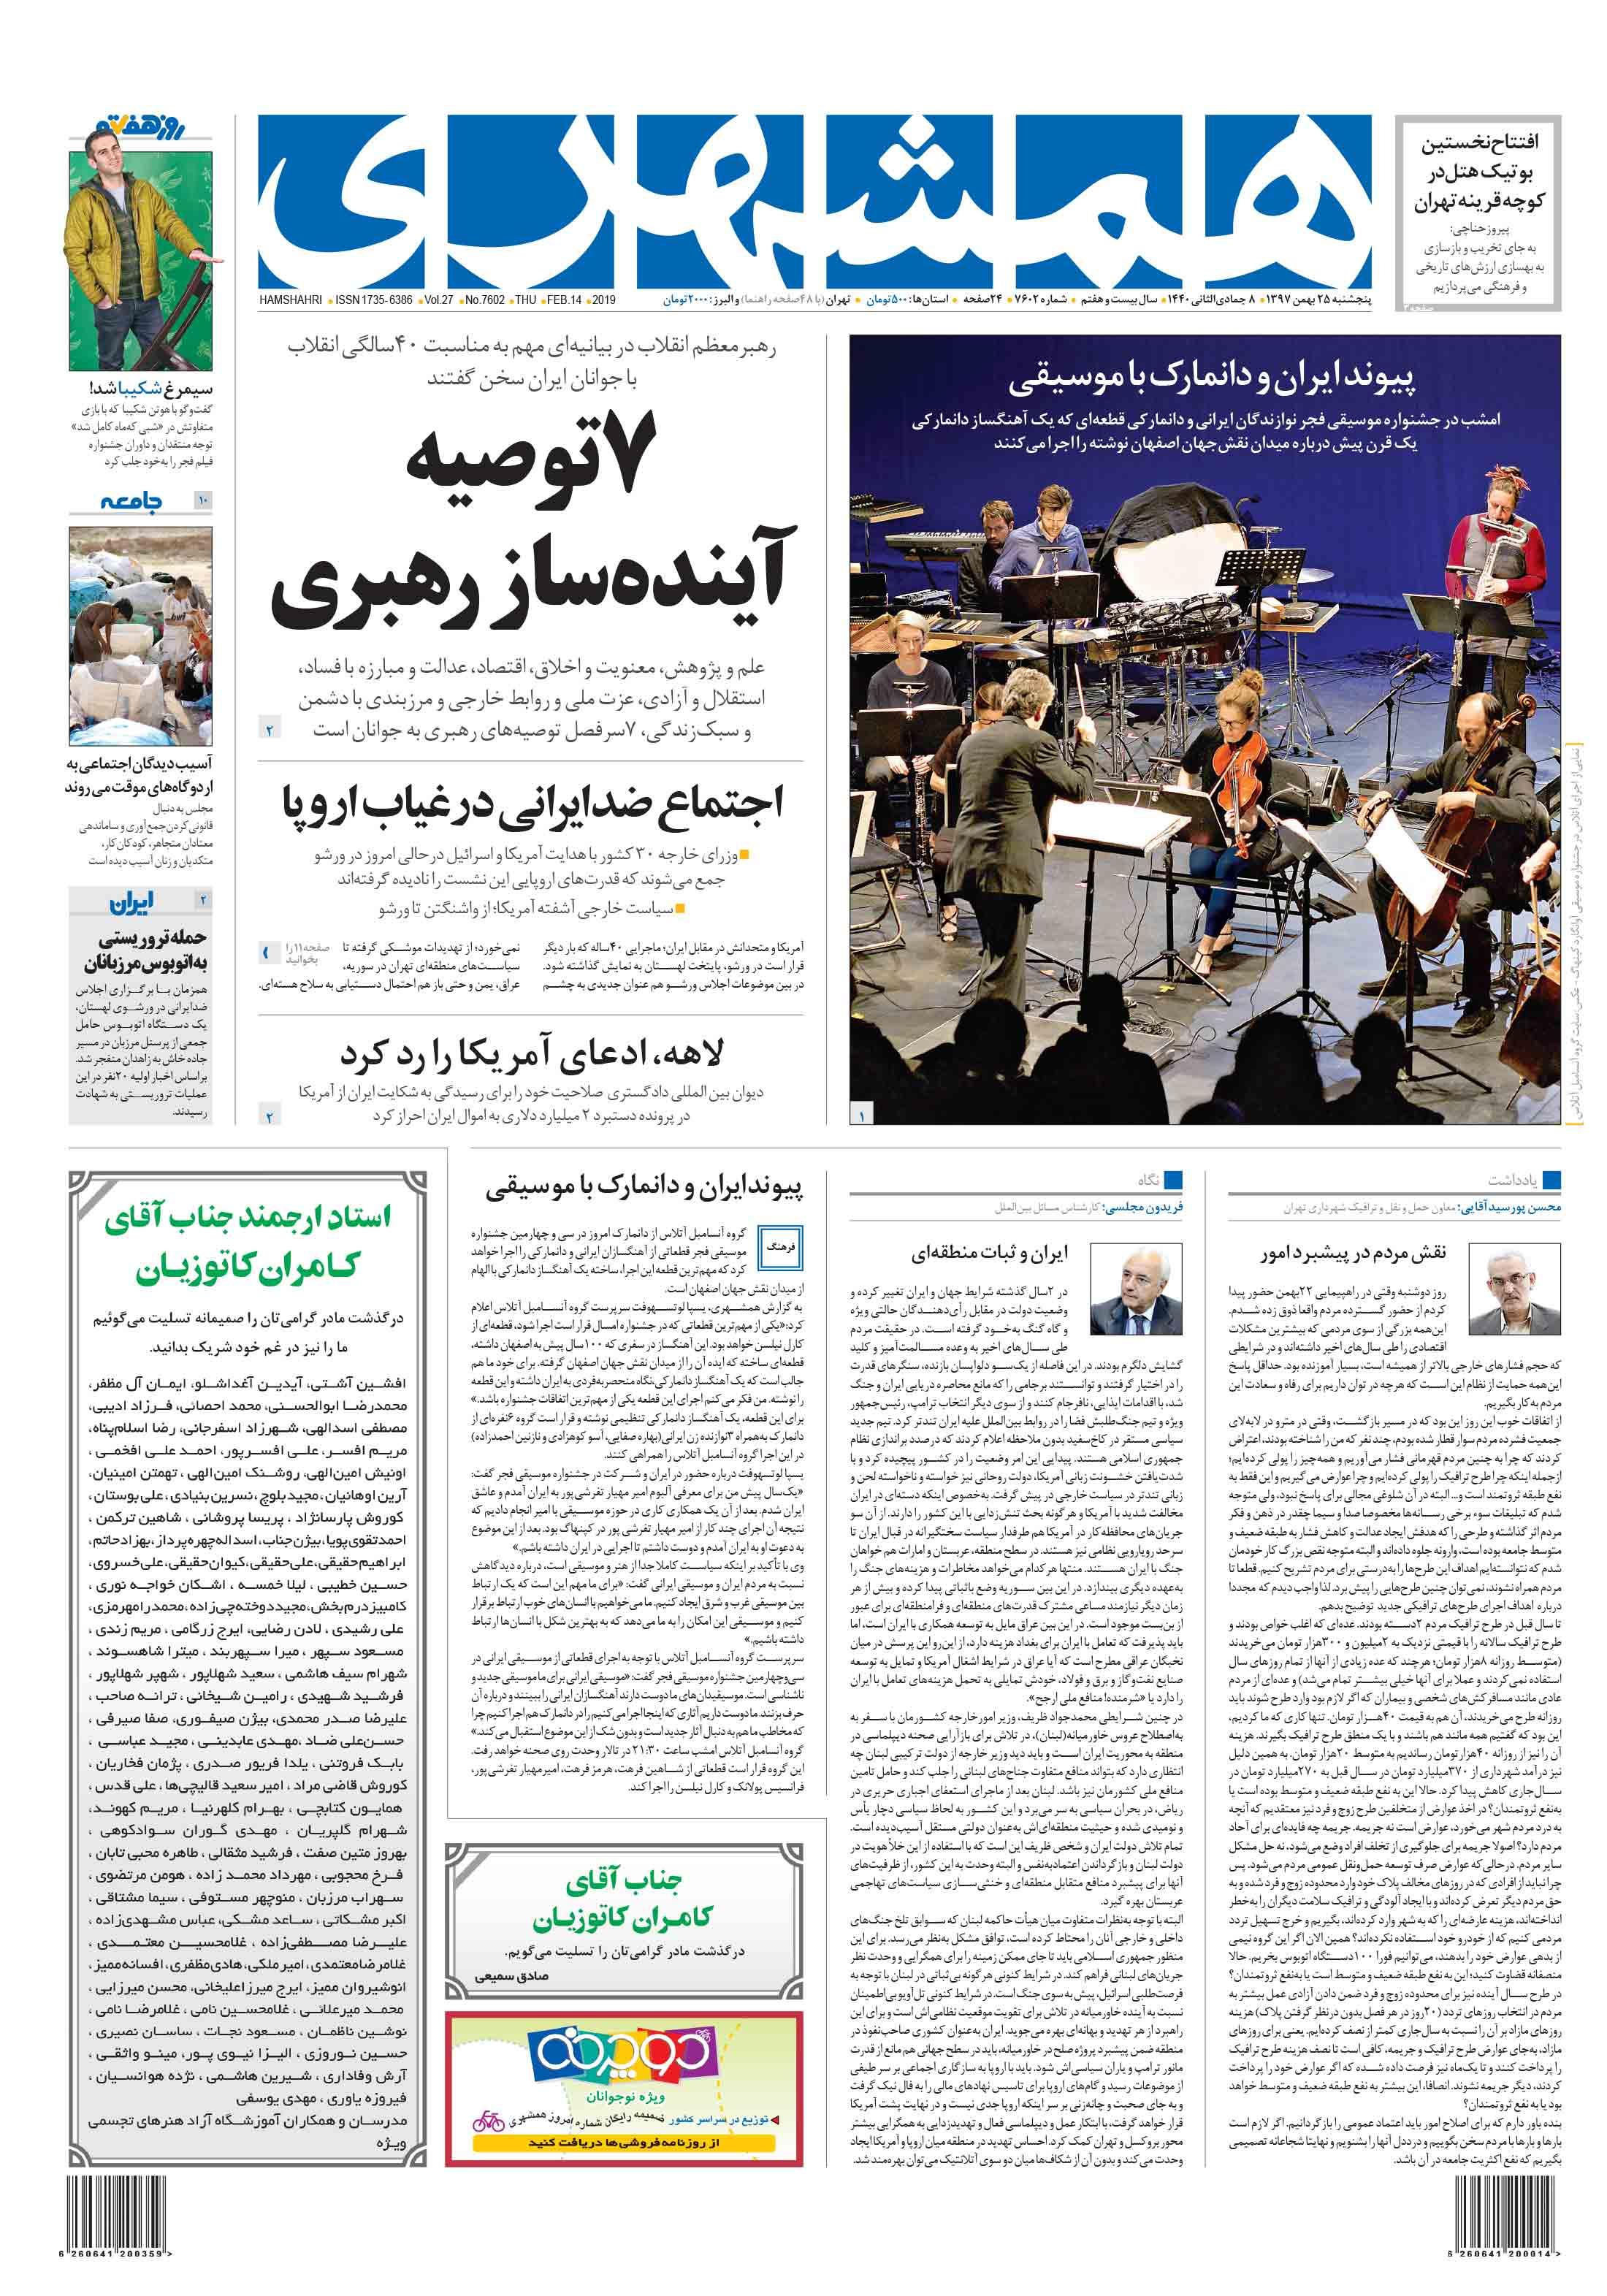 صفحه اول پنجشنبه 25 بهمن 1397